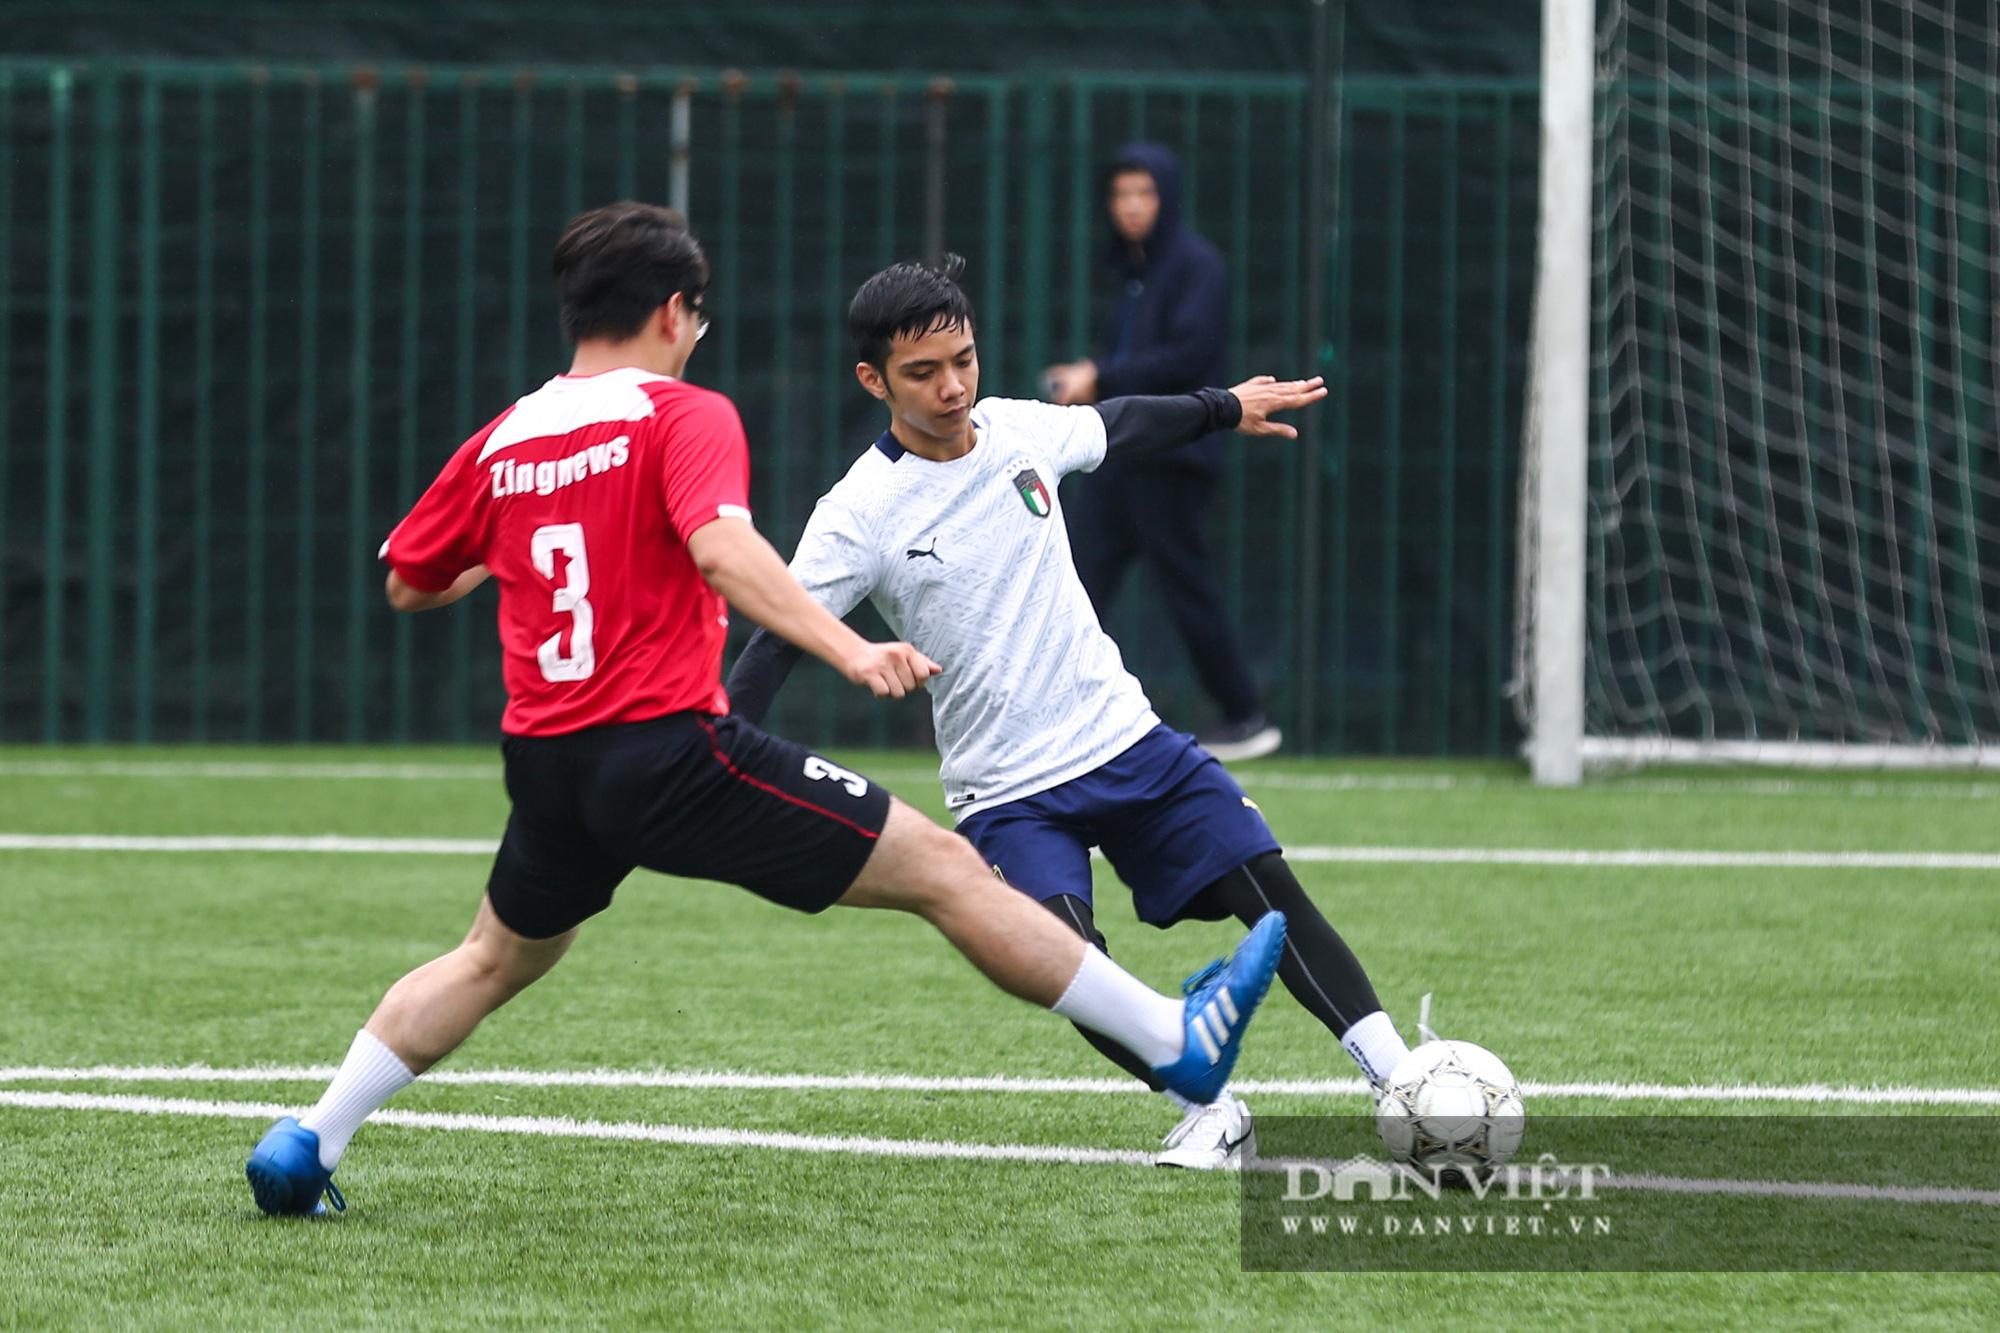 Khoảnh khắc lượt trận cuối cùng vòng bảng giải bóng đá báo NTNN/Dân Việt  - Ảnh 19.